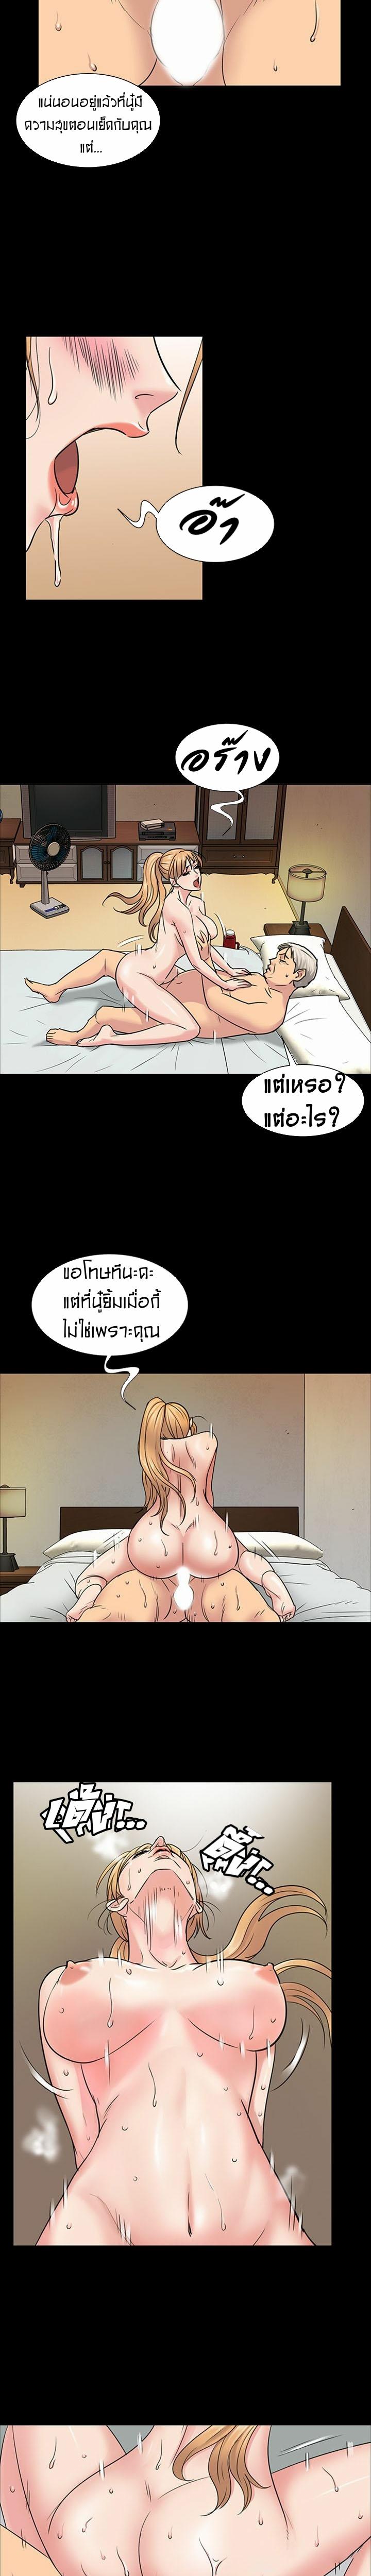 ควีน บี 4 ภาพ 24